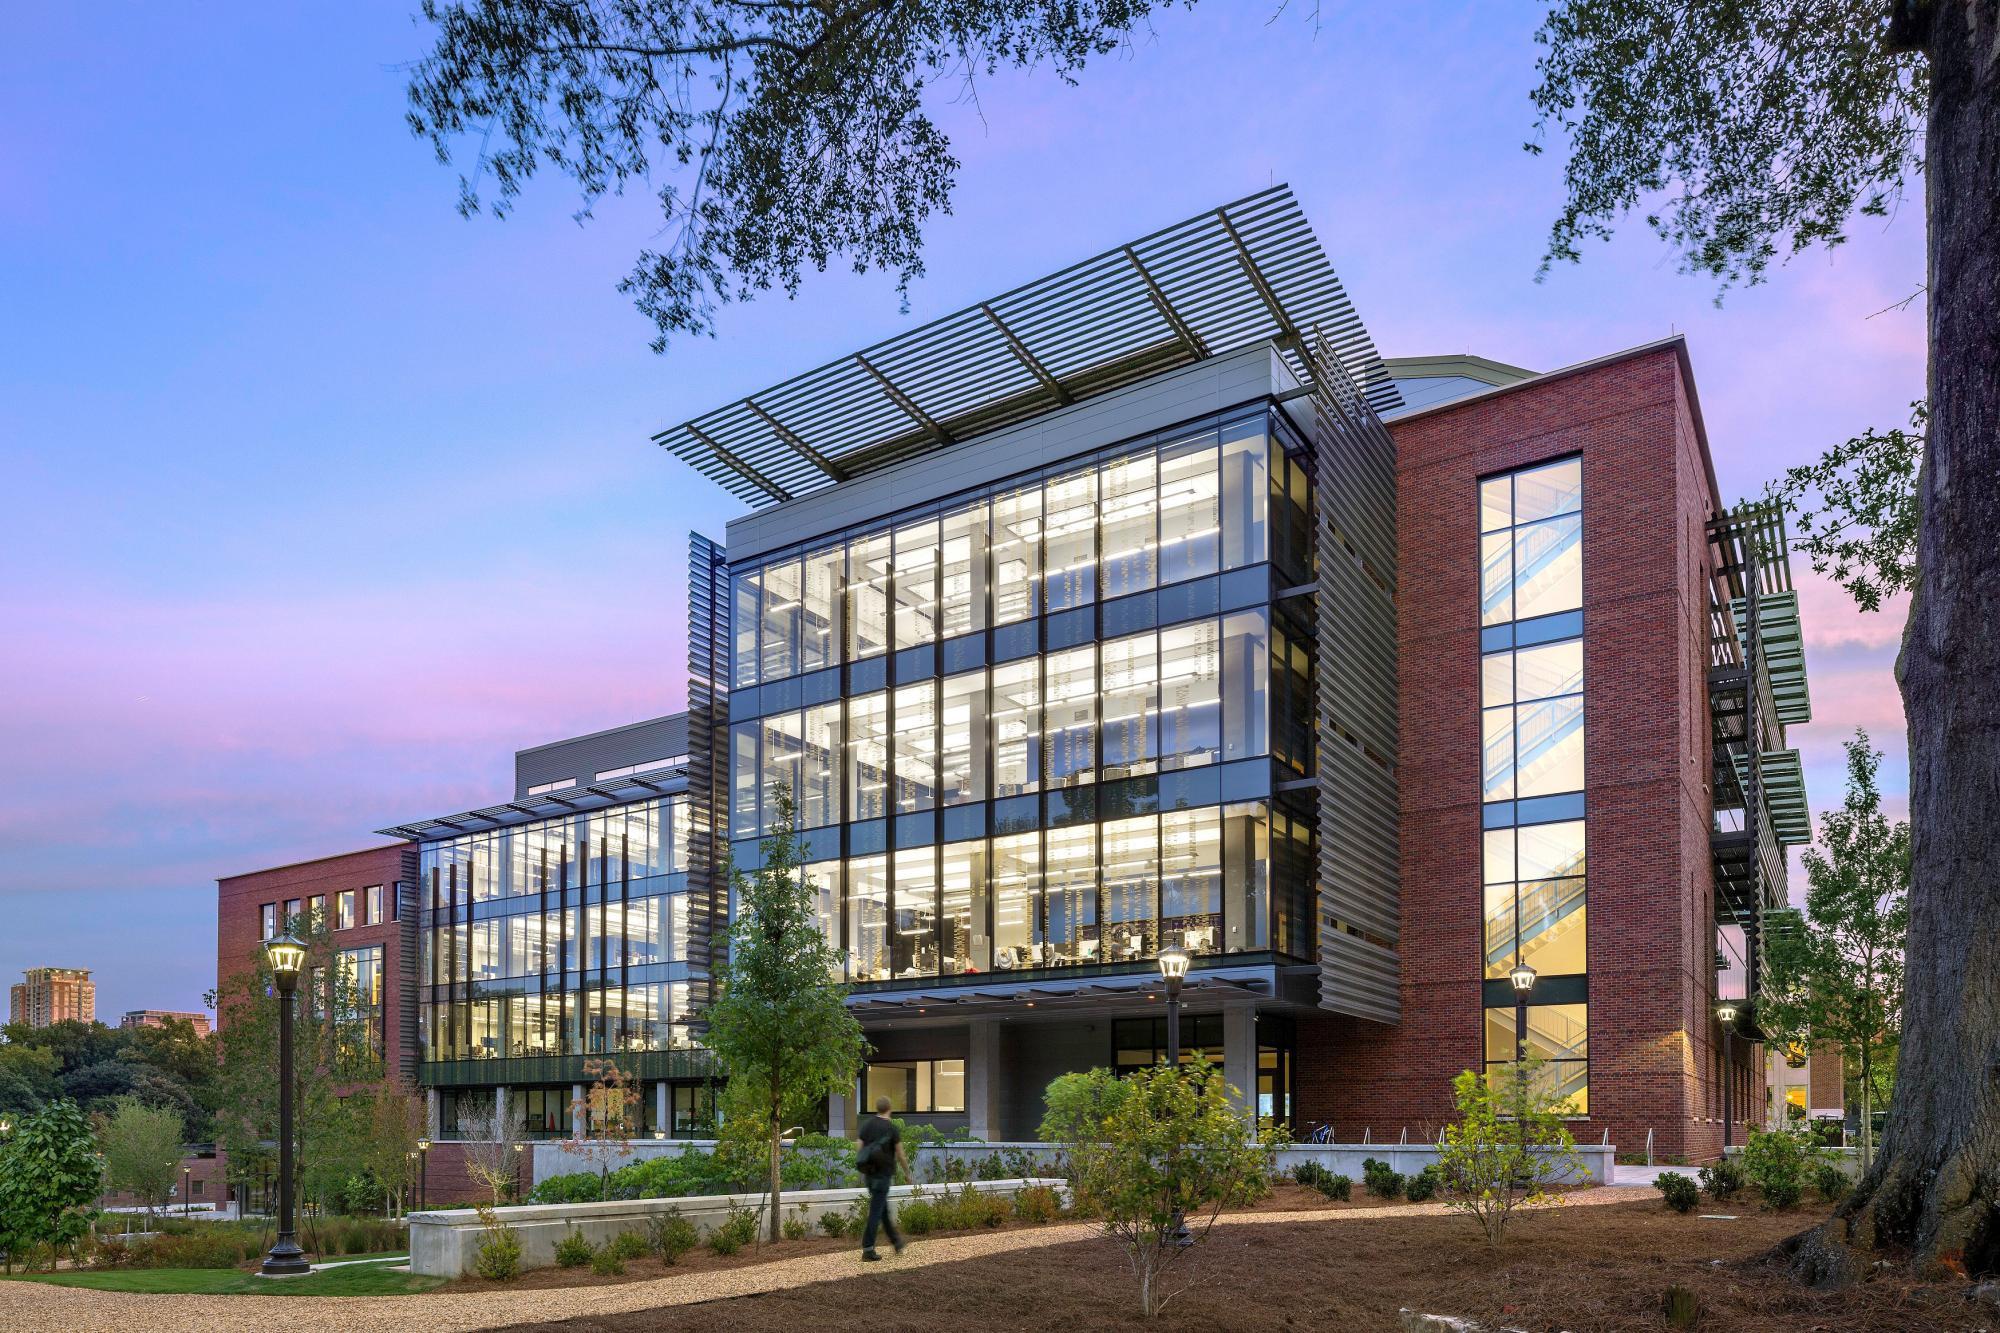 GIT喬治亞理工學院 - 美國前三名公立理工大學